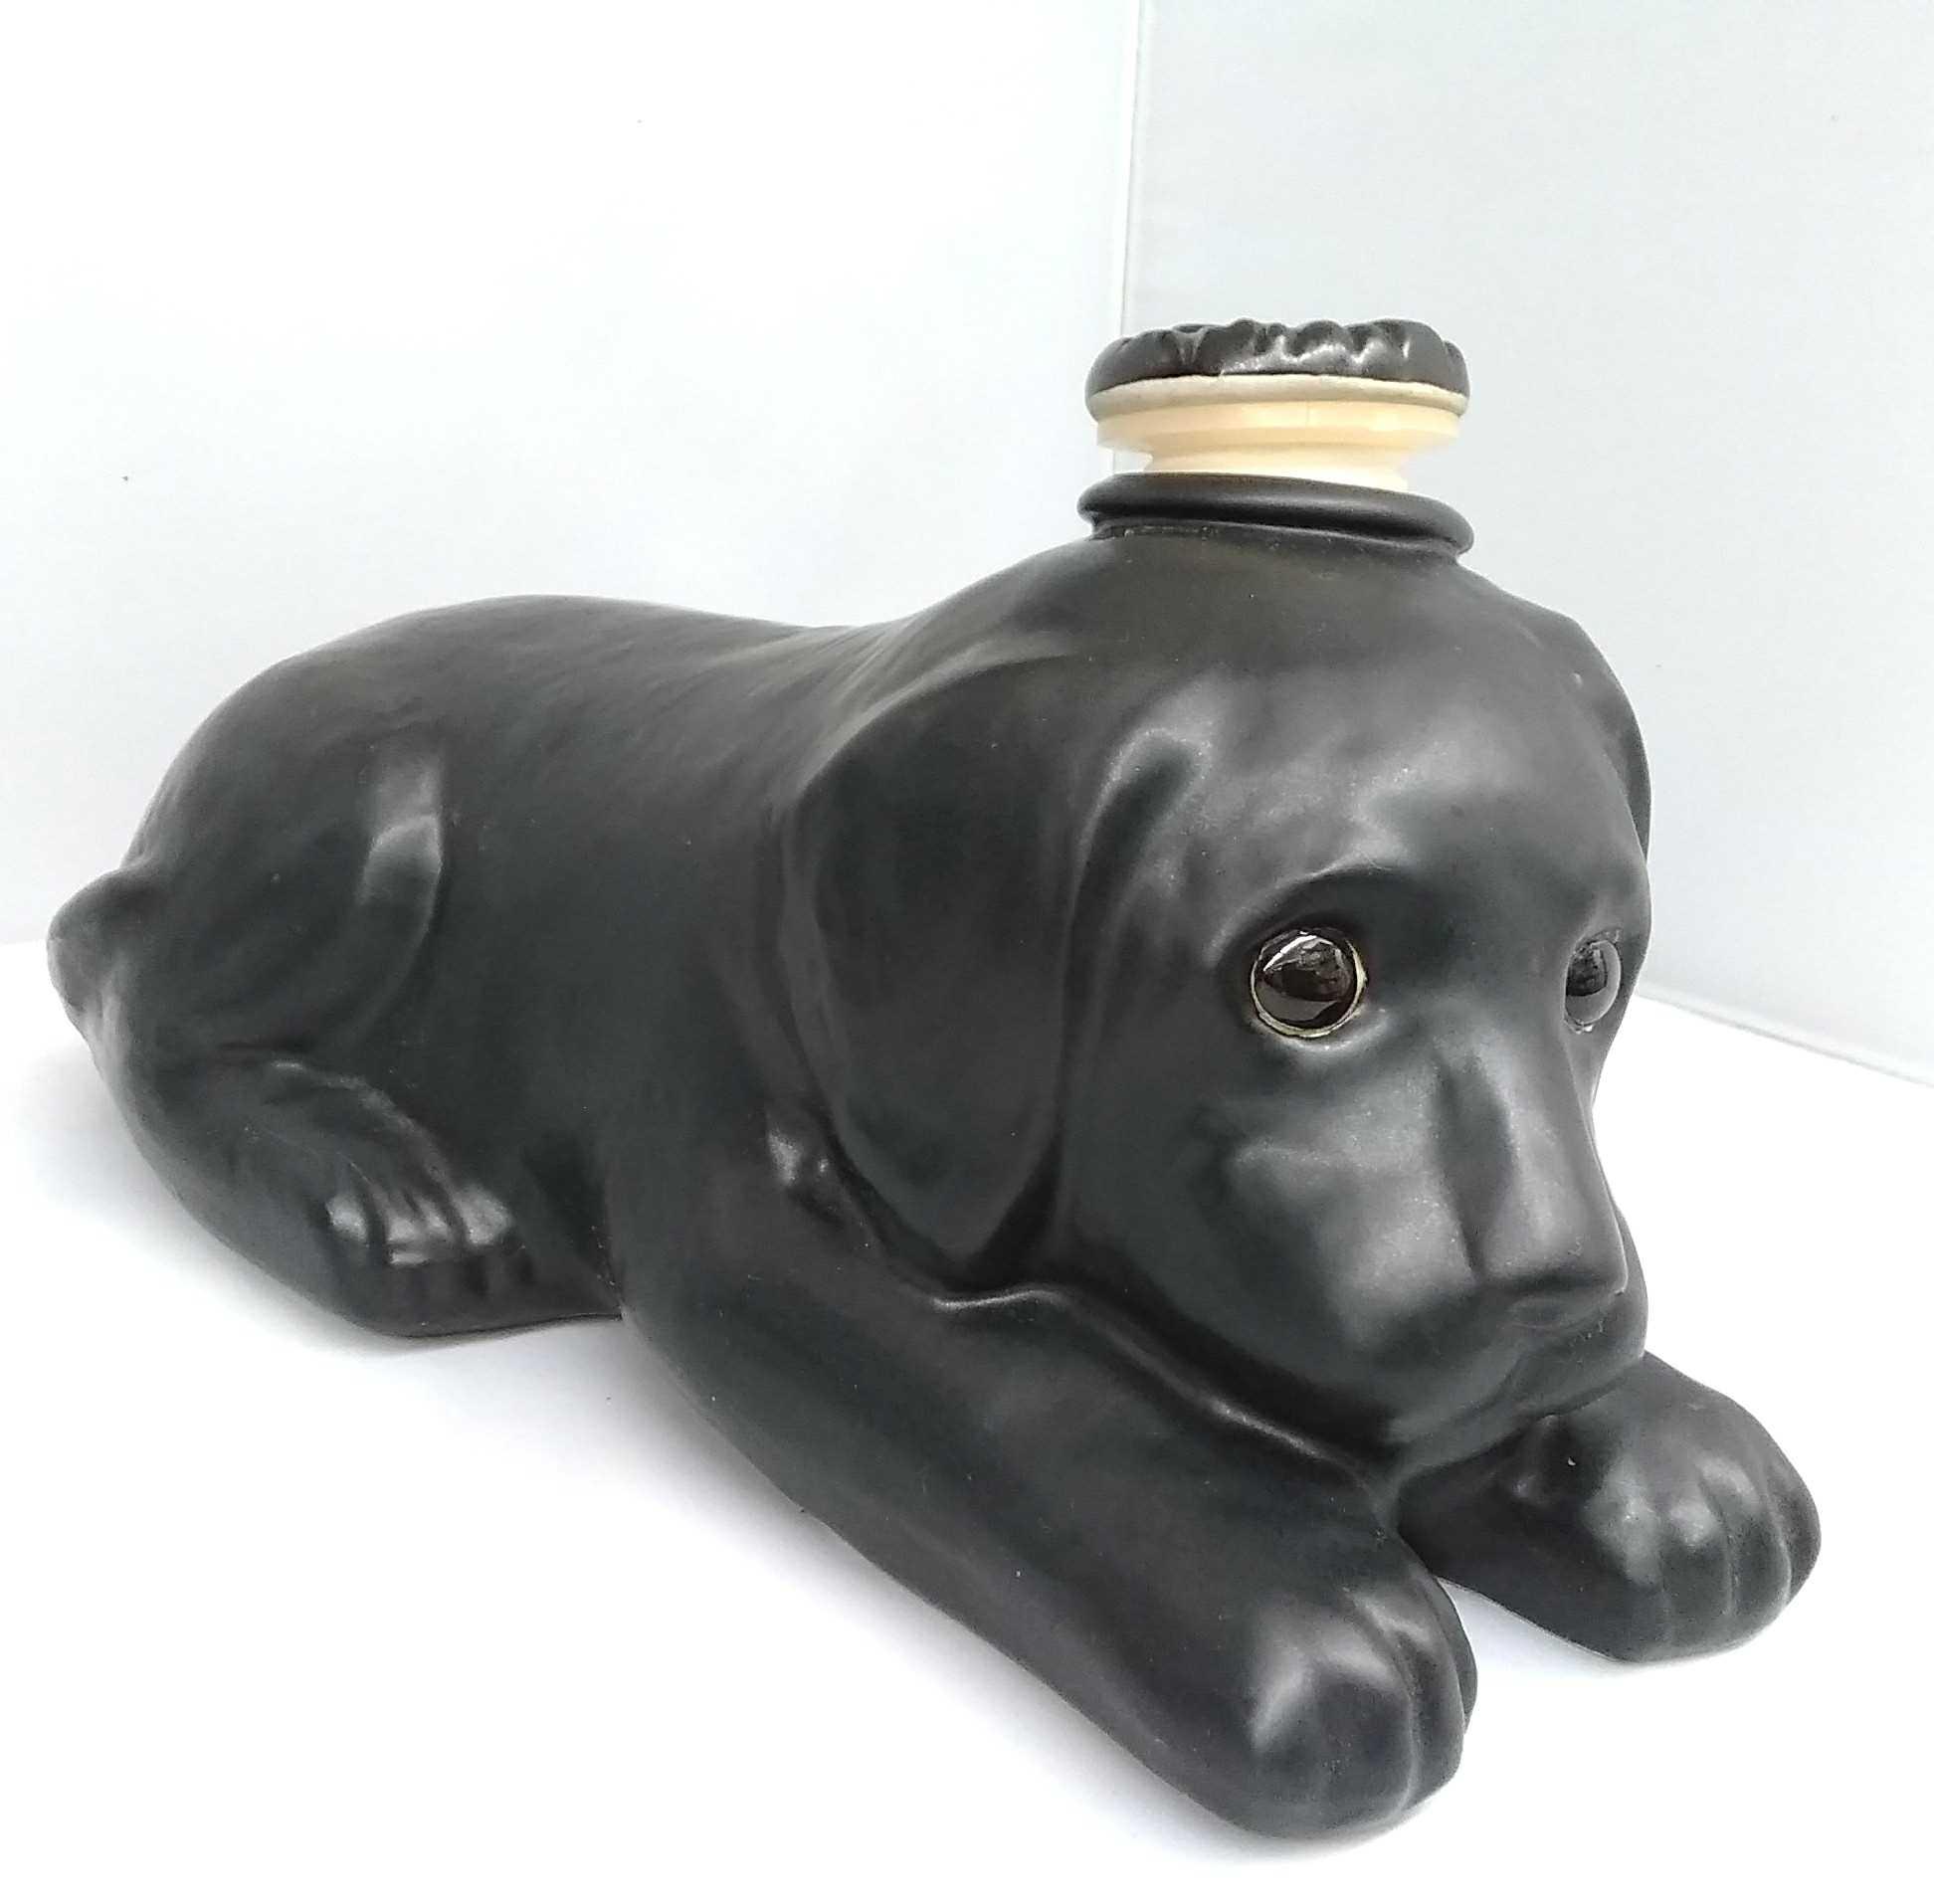 ダックスフンド犬型湯たんぽ|不明